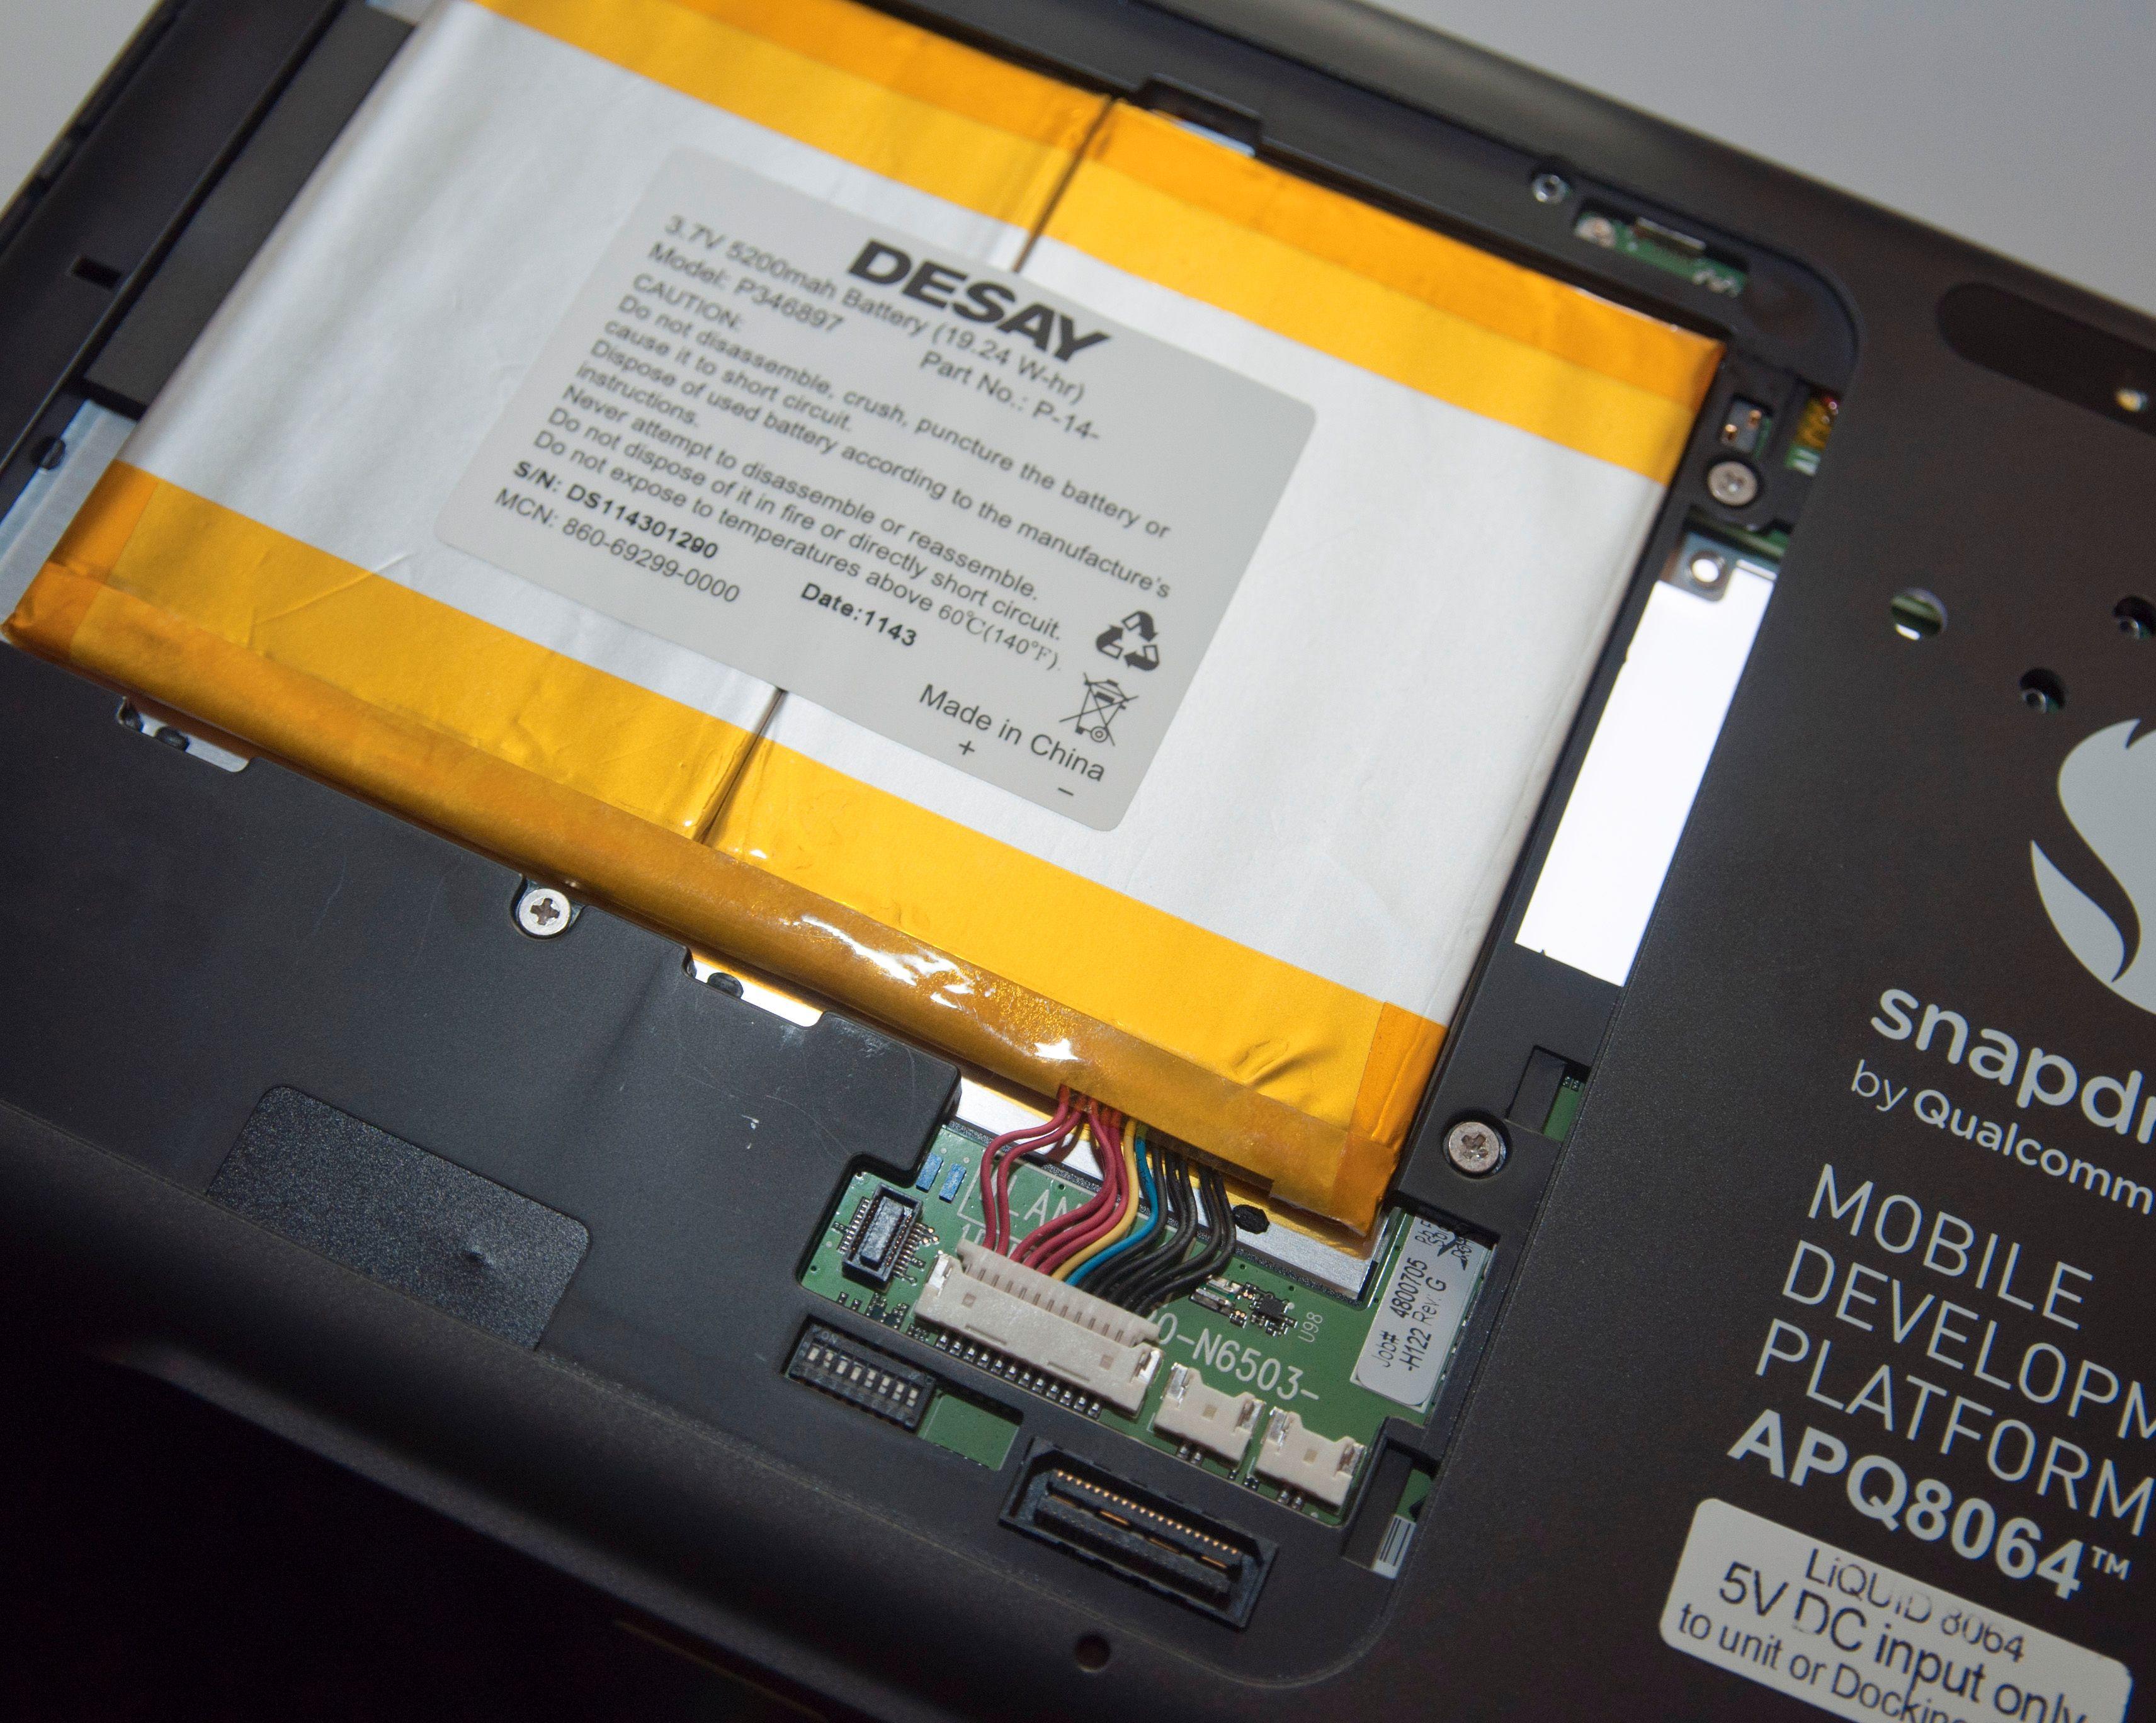 Under luken skjuler det seg et batteri på beskjedne 5200 mAh - og mer av innmaten.